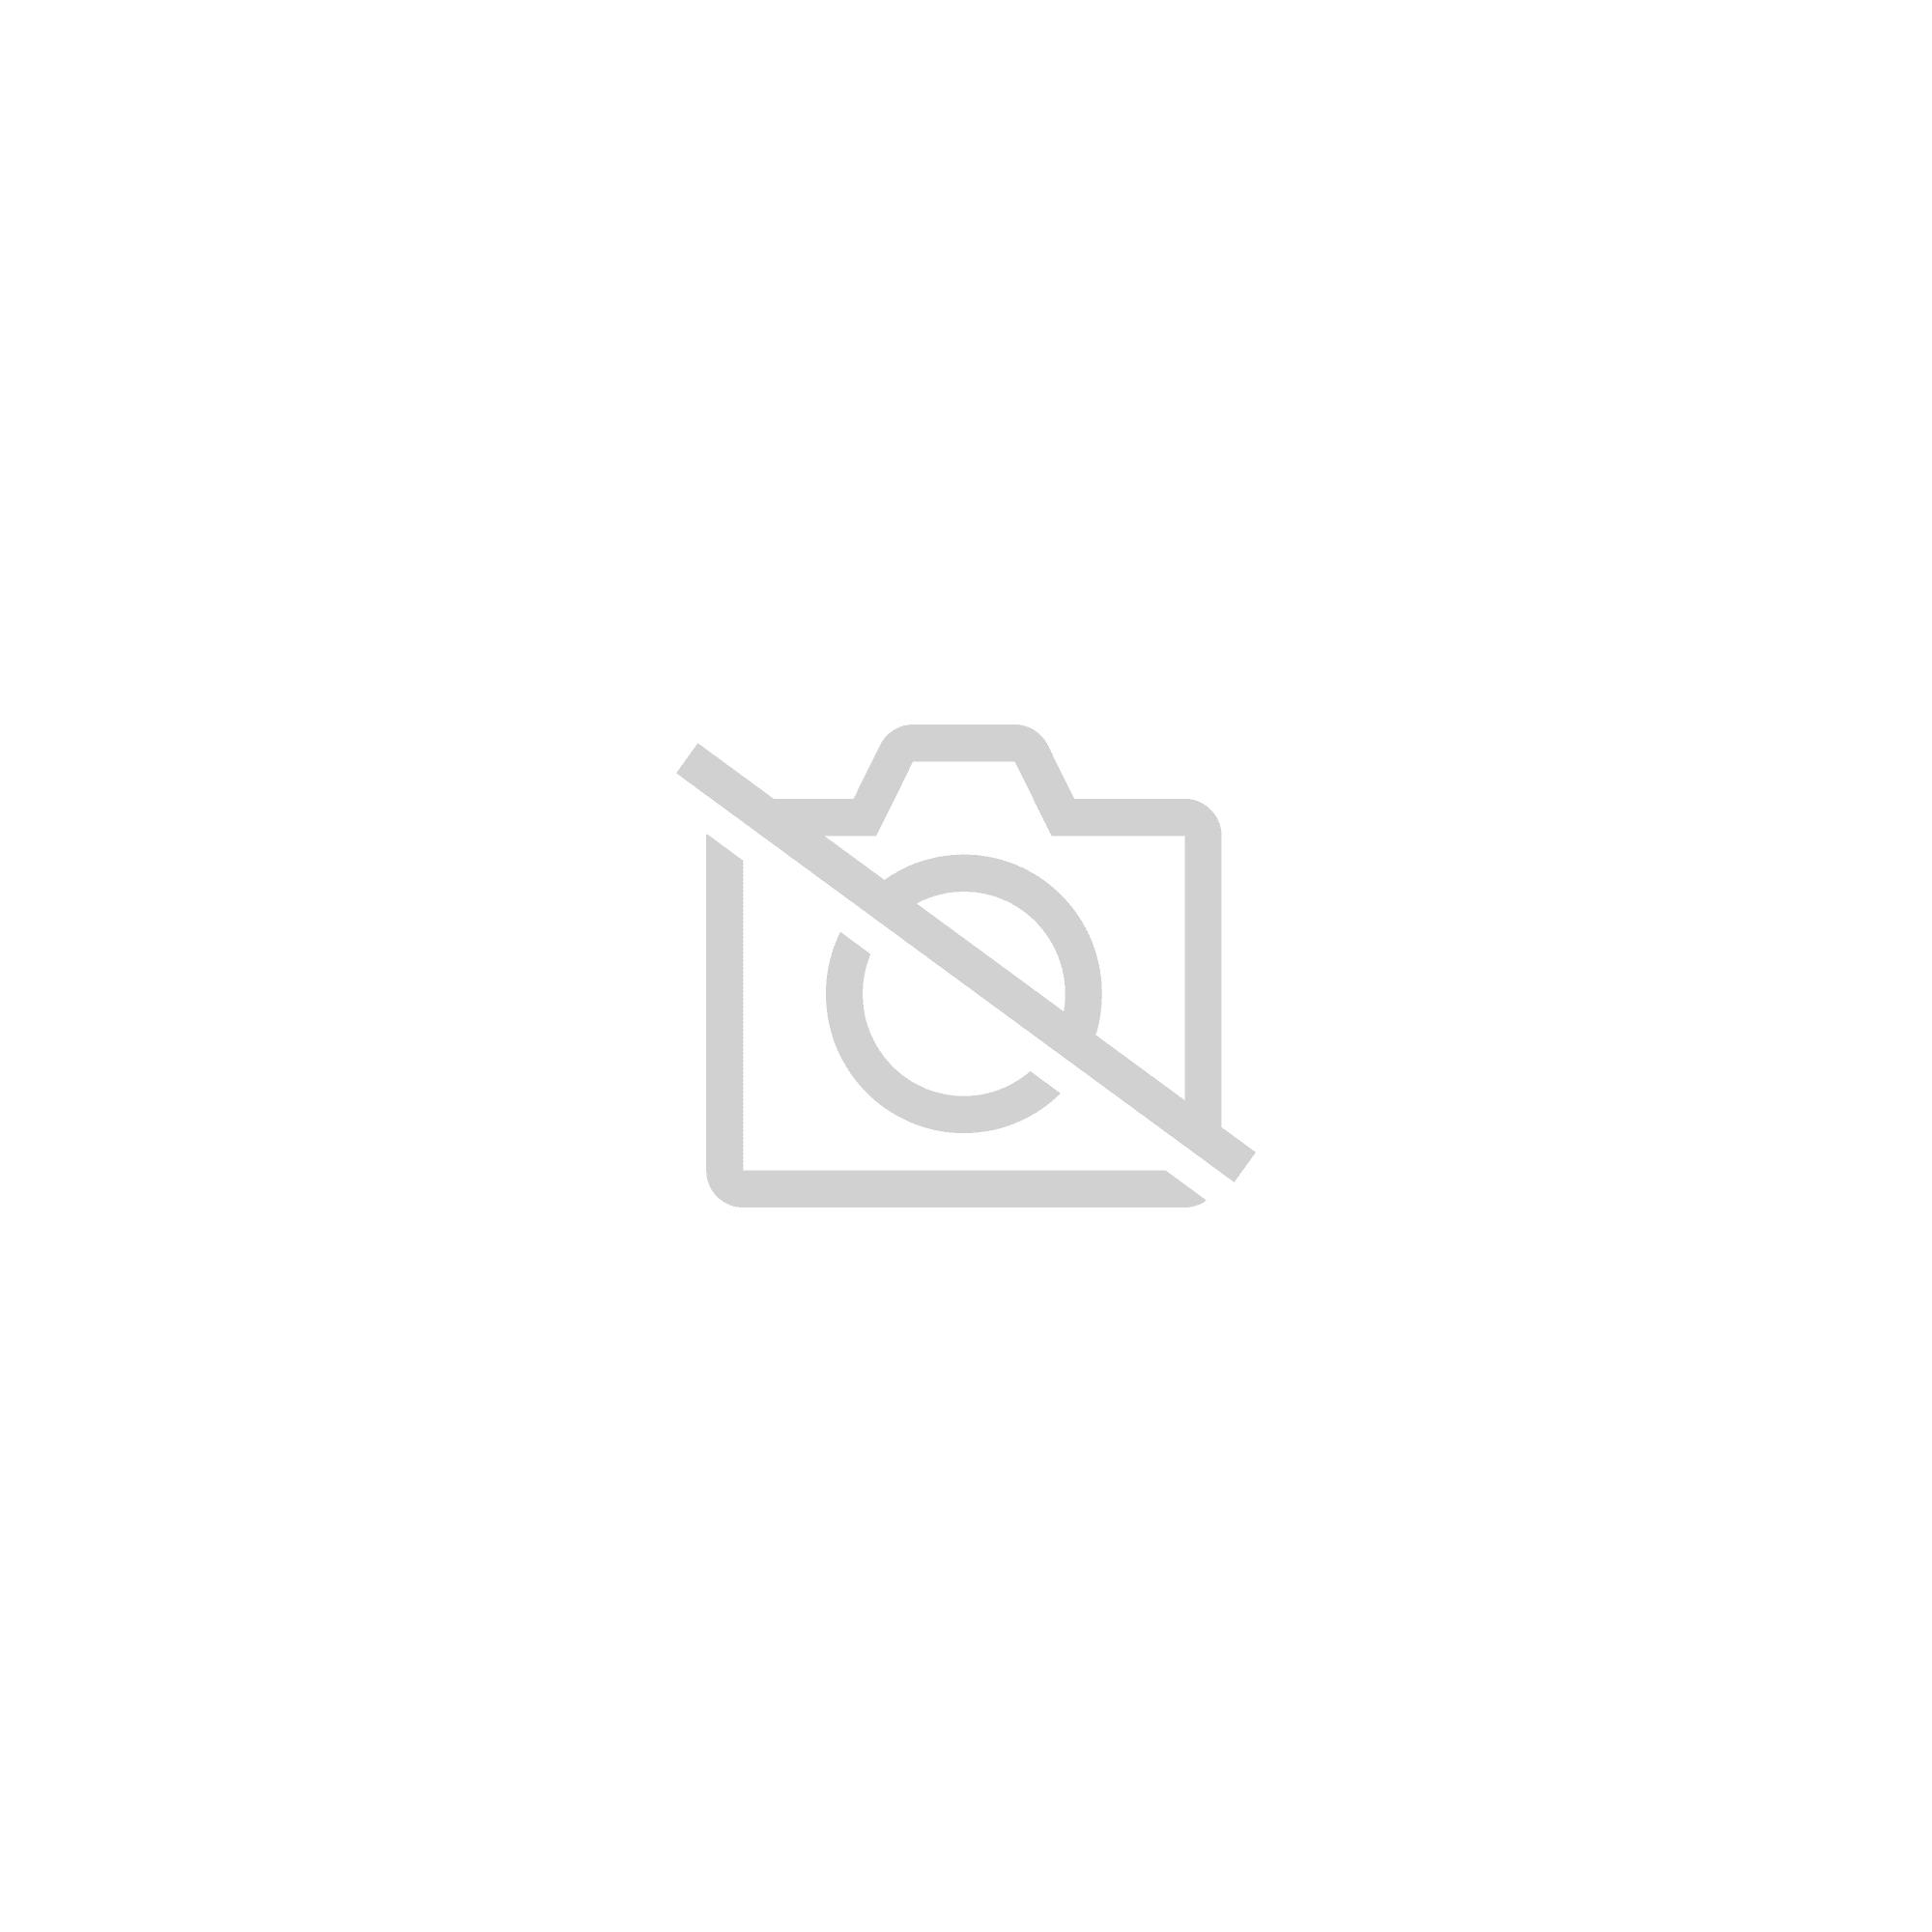 Petites annonces - Ile-de-France - Professionnels - Par Prix - Page ... 0a206ff311b